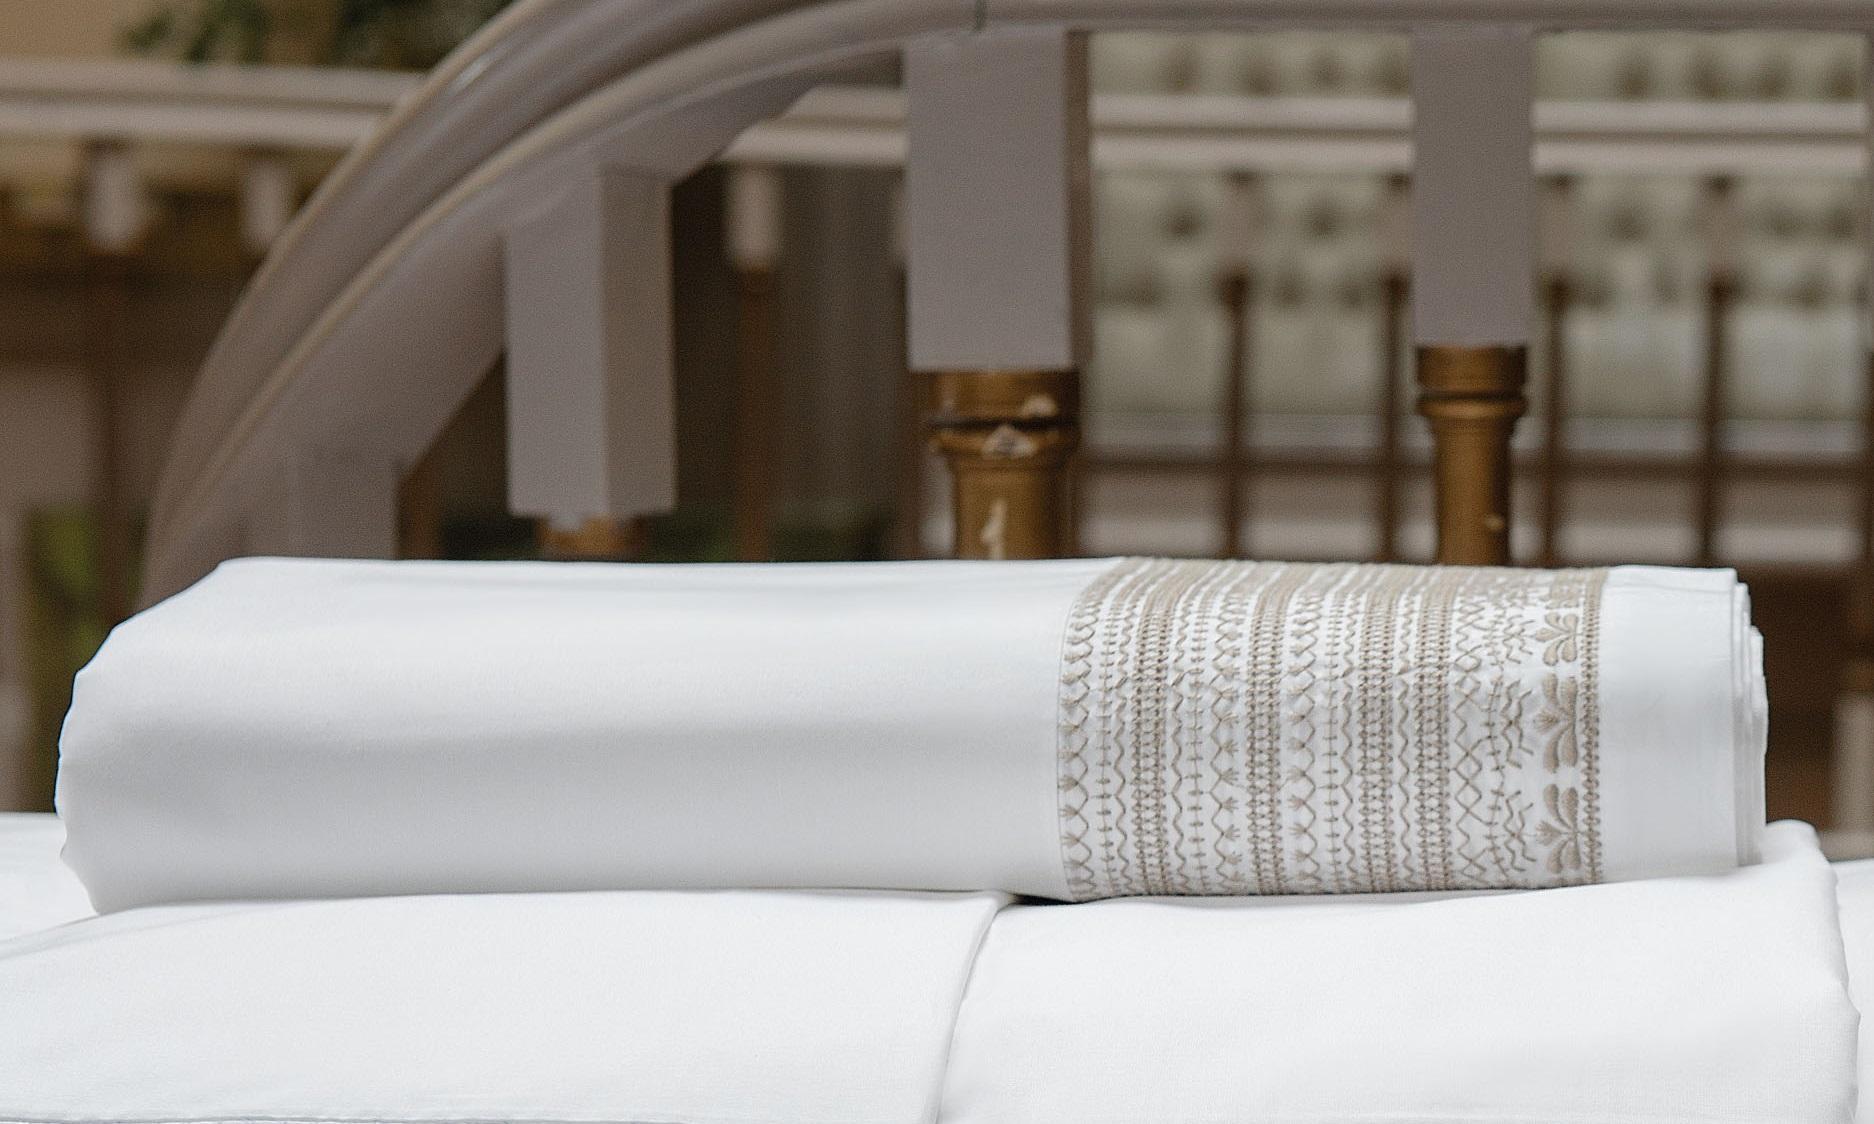 Portuguese bed linen HK